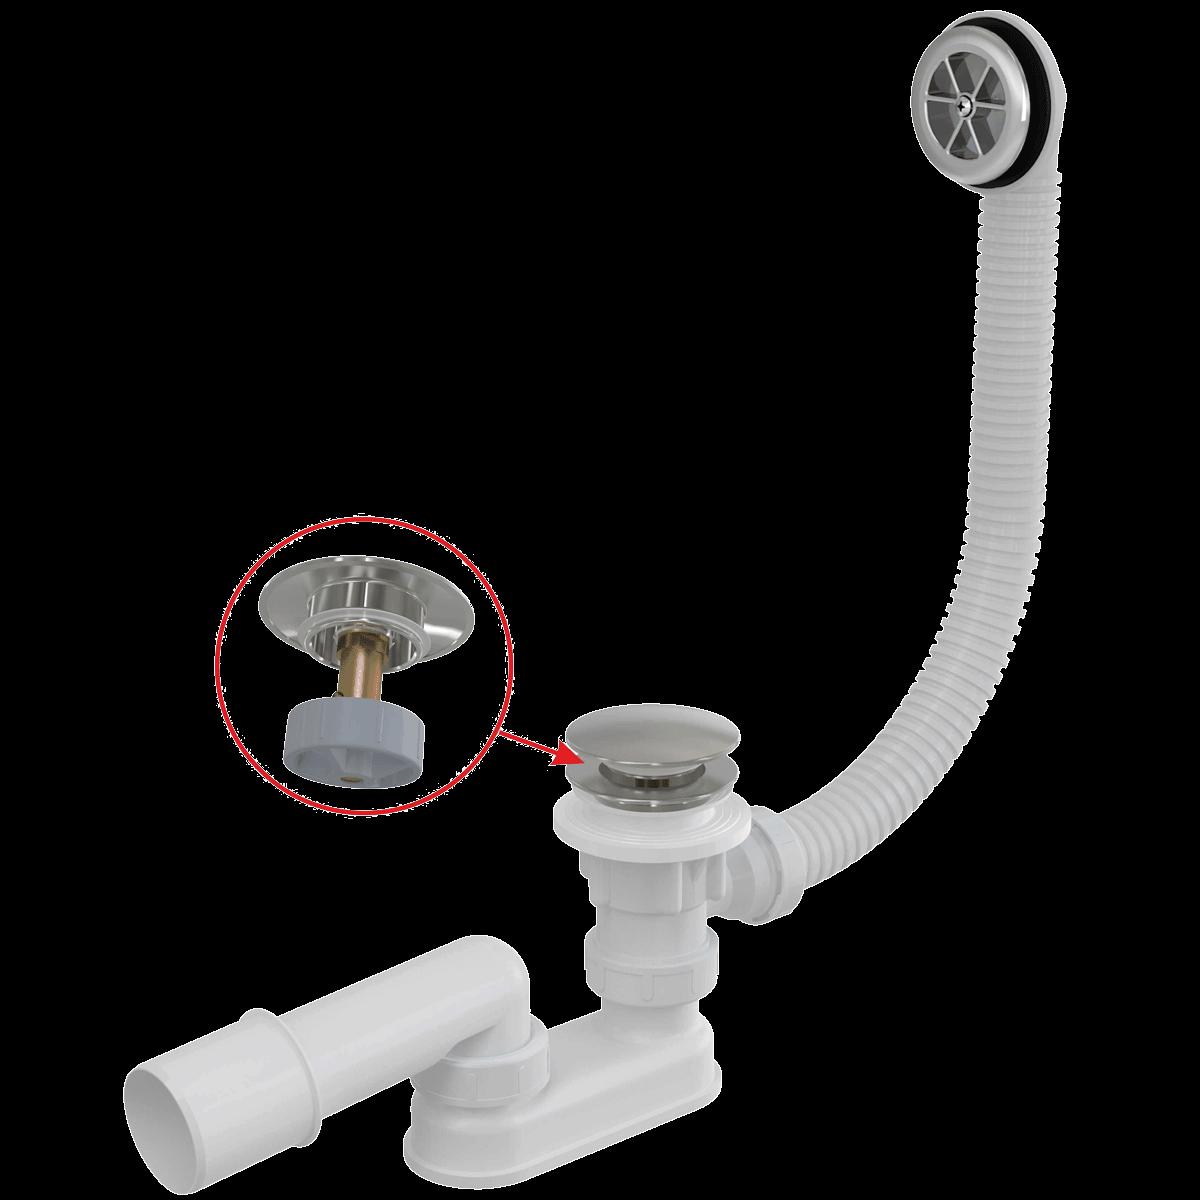 Vanový sifon Alcaplast click/clack, 120 cm, kov A505CKM120 - Alcaplast sifon vanový 120 cm, click/clack, kov, chrom A505CKM-120